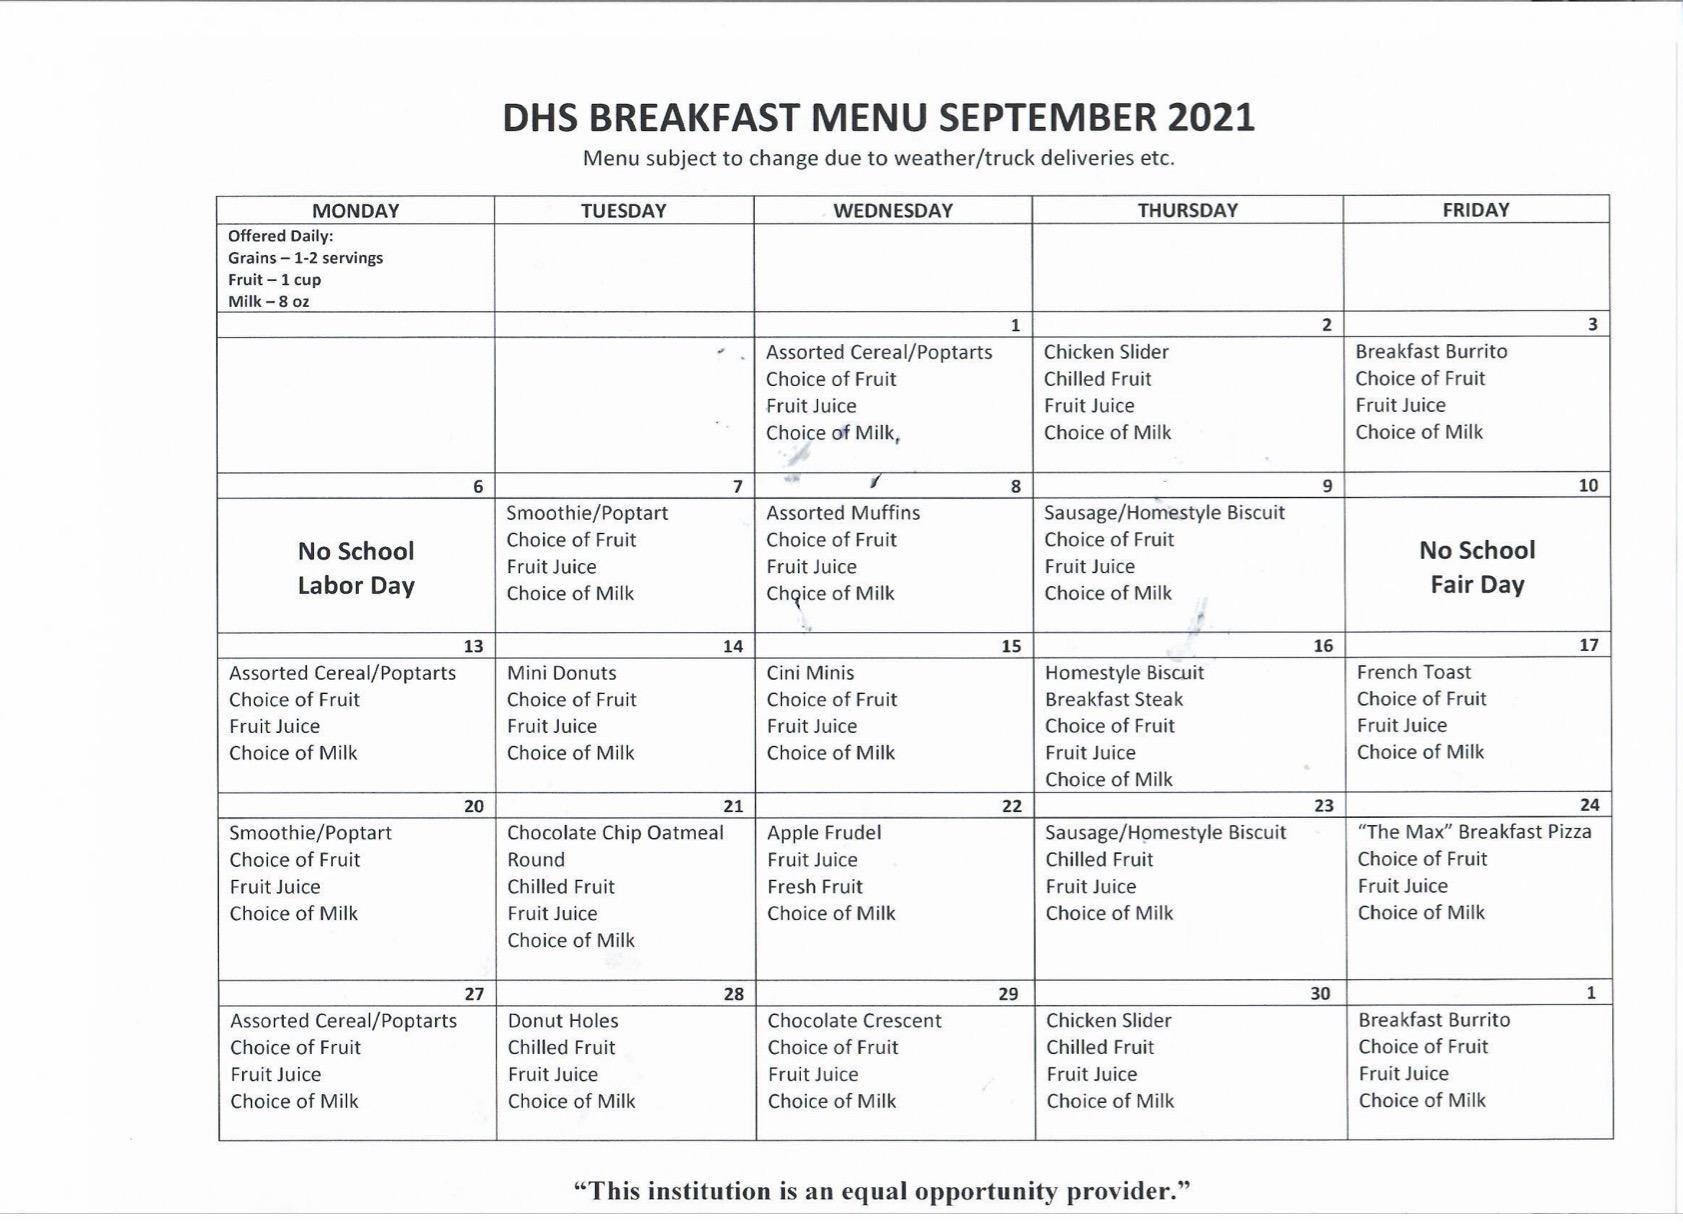 DHS Breakfast Menu